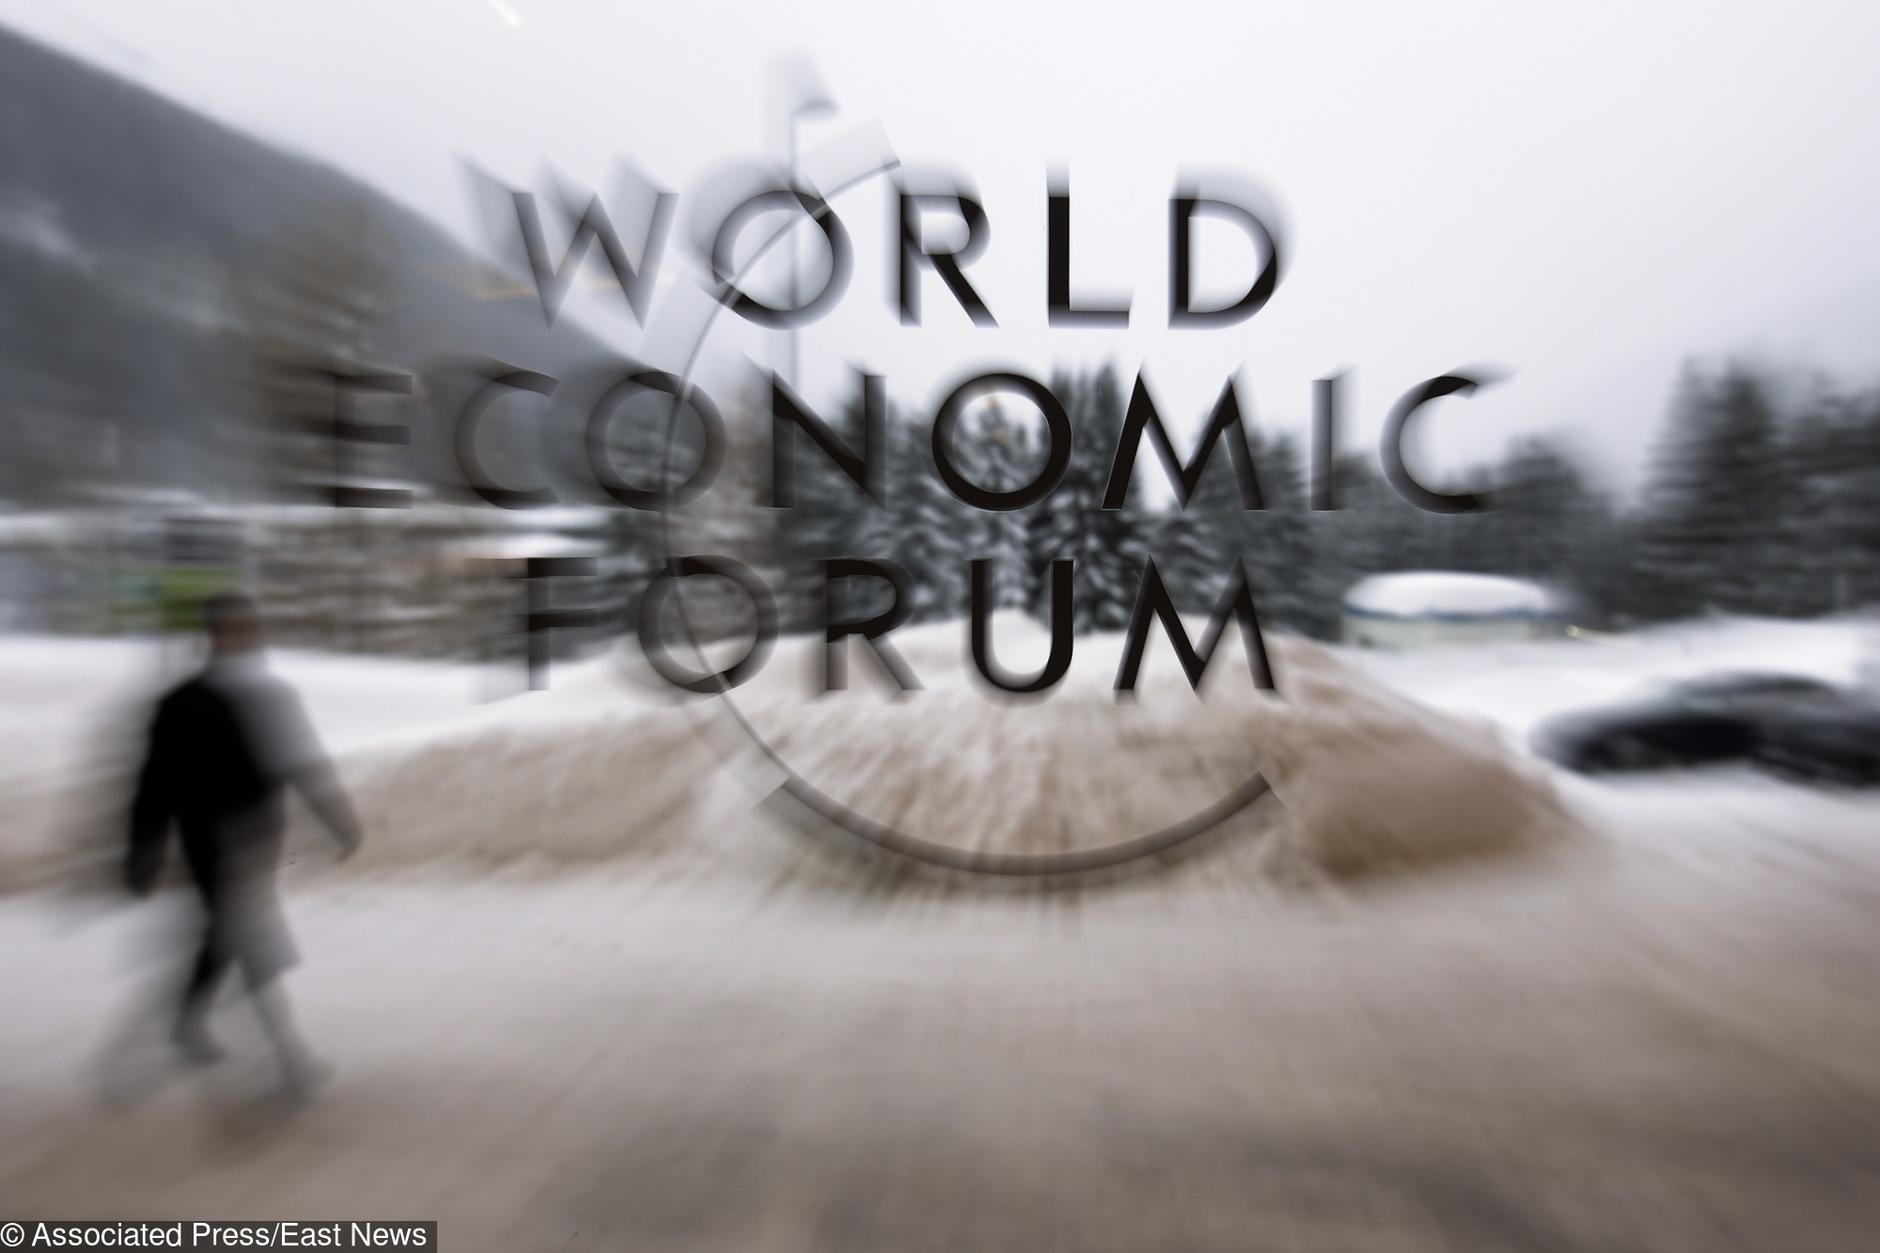 Polski Żubr na światowym szczycie gospodarczym, czyli Bank Pekao S.A. w Davos